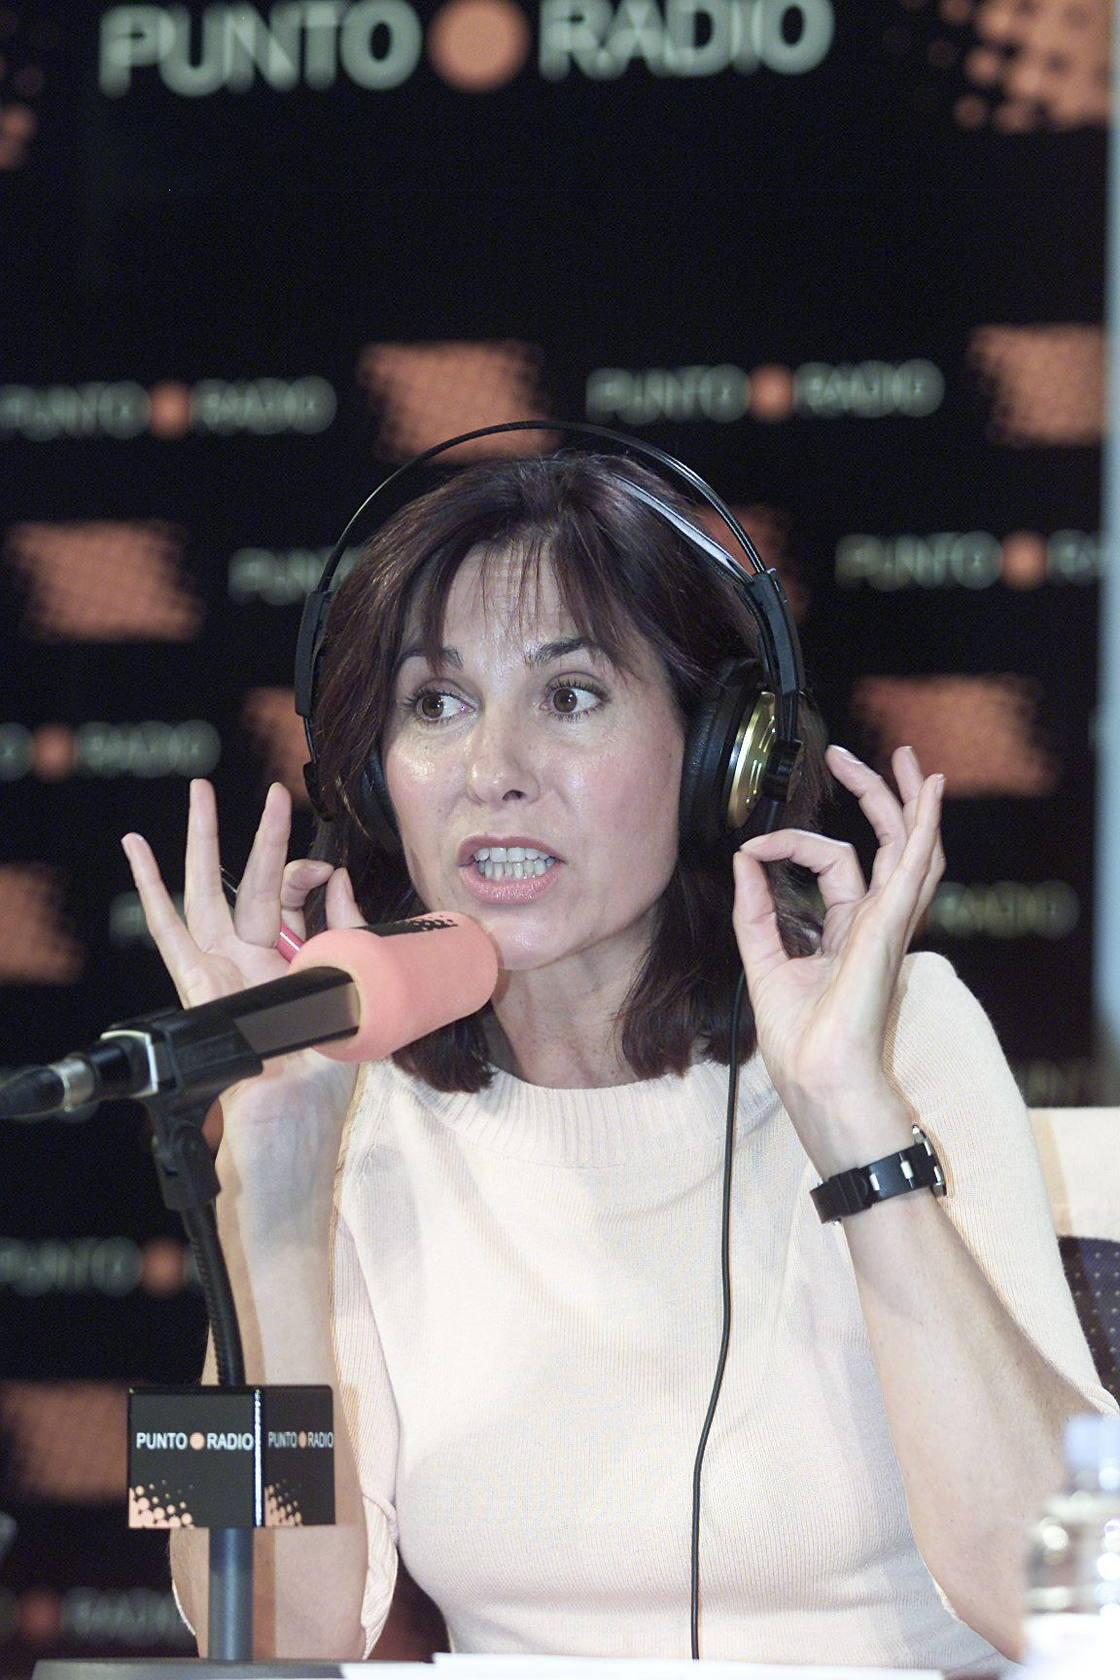 Fallece la periodista Concha García Campoy a los 54 años